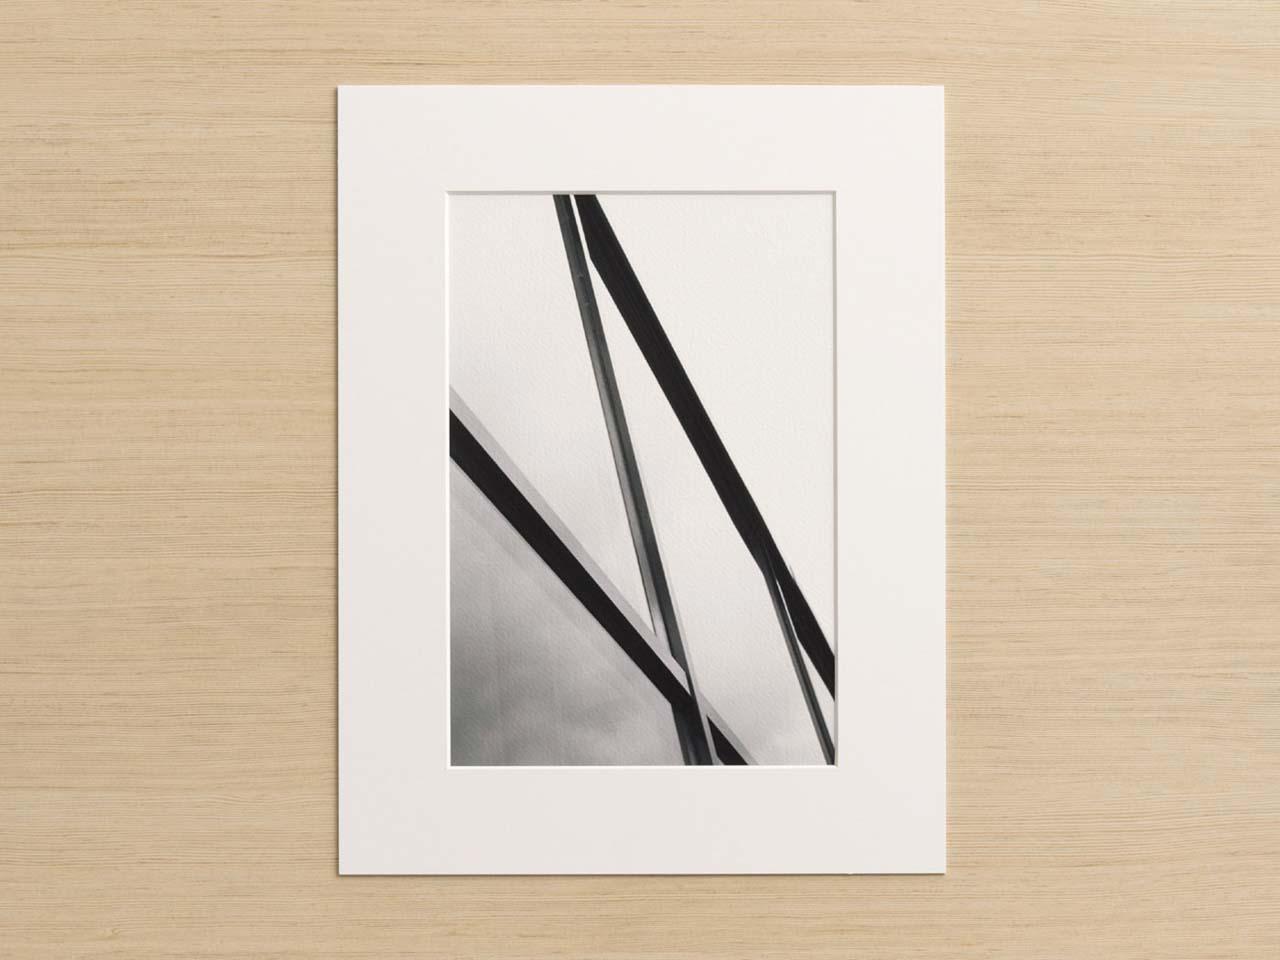 tolle brauner glasrahmen zeitgen ssisch bilderrahmen ideen. Black Bedroom Furniture Sets. Home Design Ideas